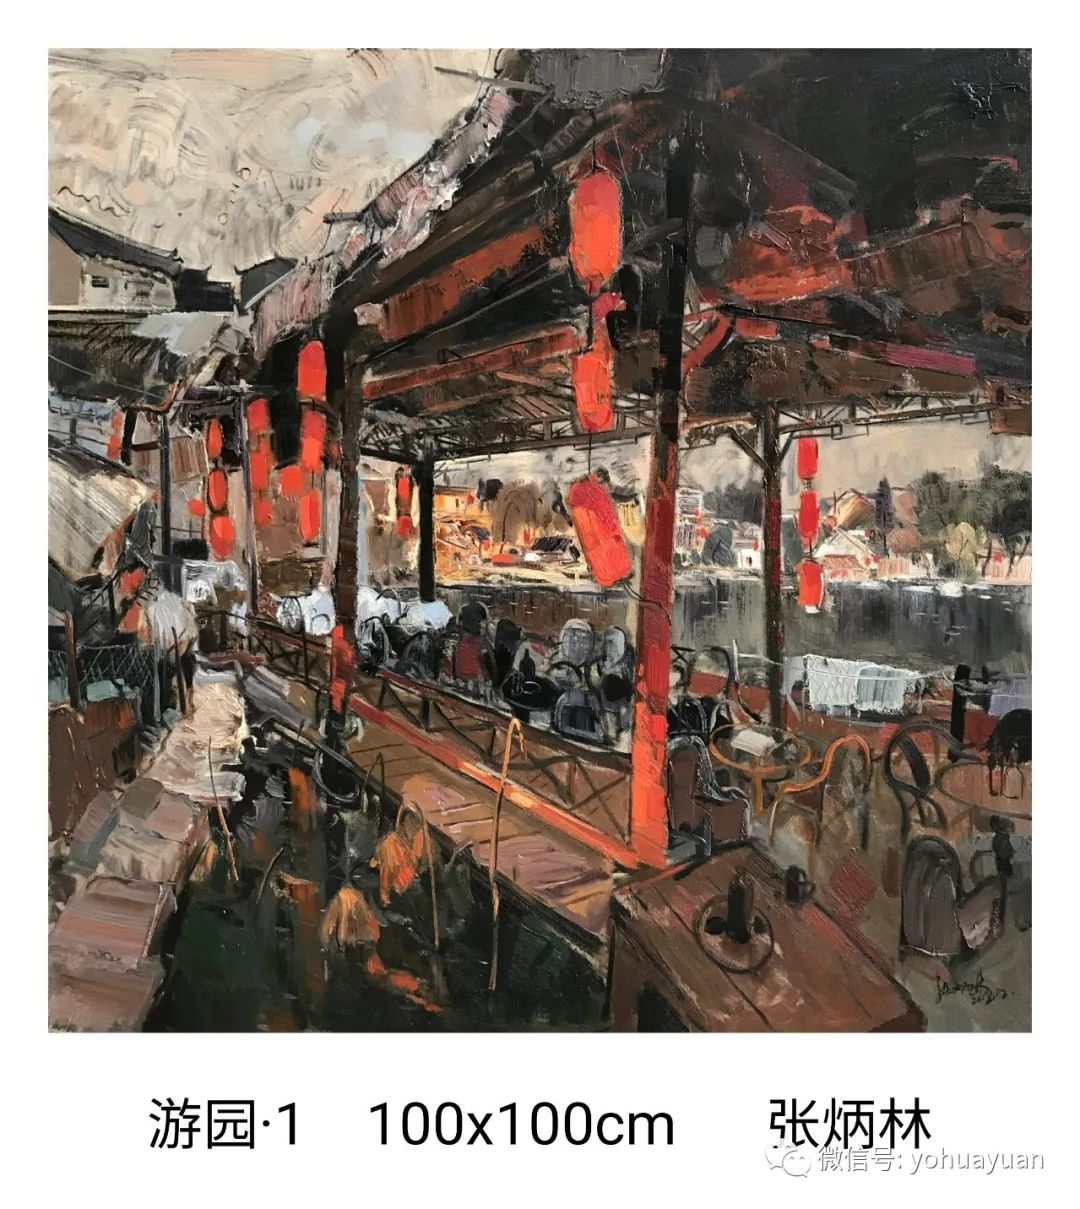 油画作品拍卖(内蒙古草原写生) 第90张 油画作品拍卖(内蒙古草原写生) 蒙古画廊